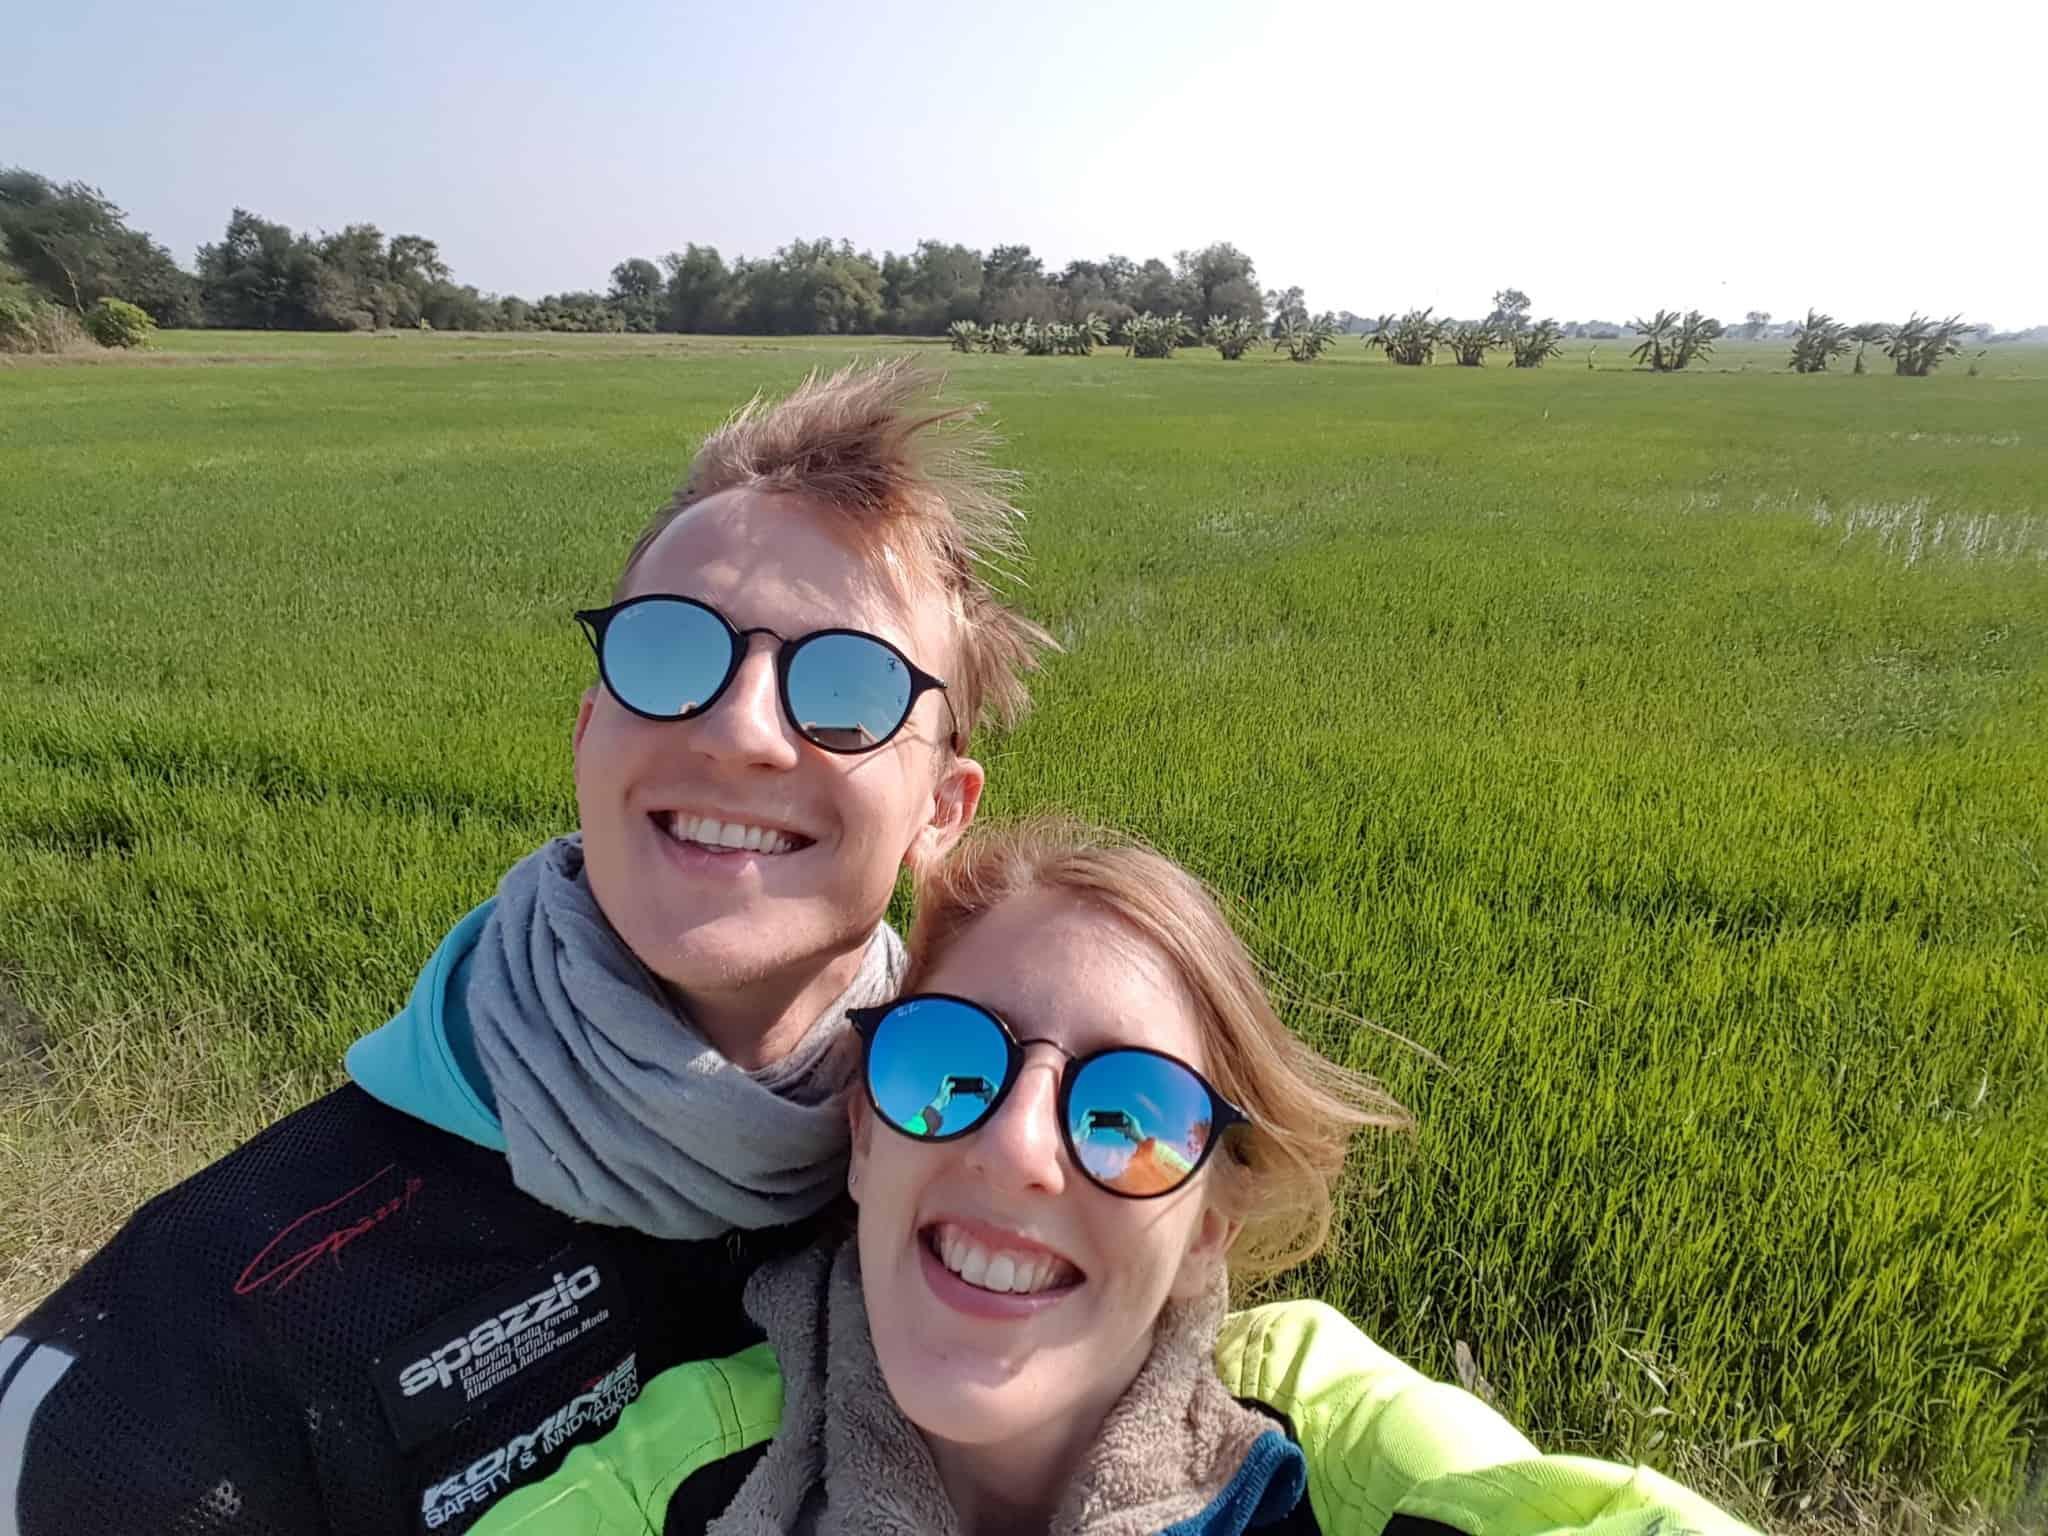 Thaïlande, sur la route cheveux au vent 🌱 4